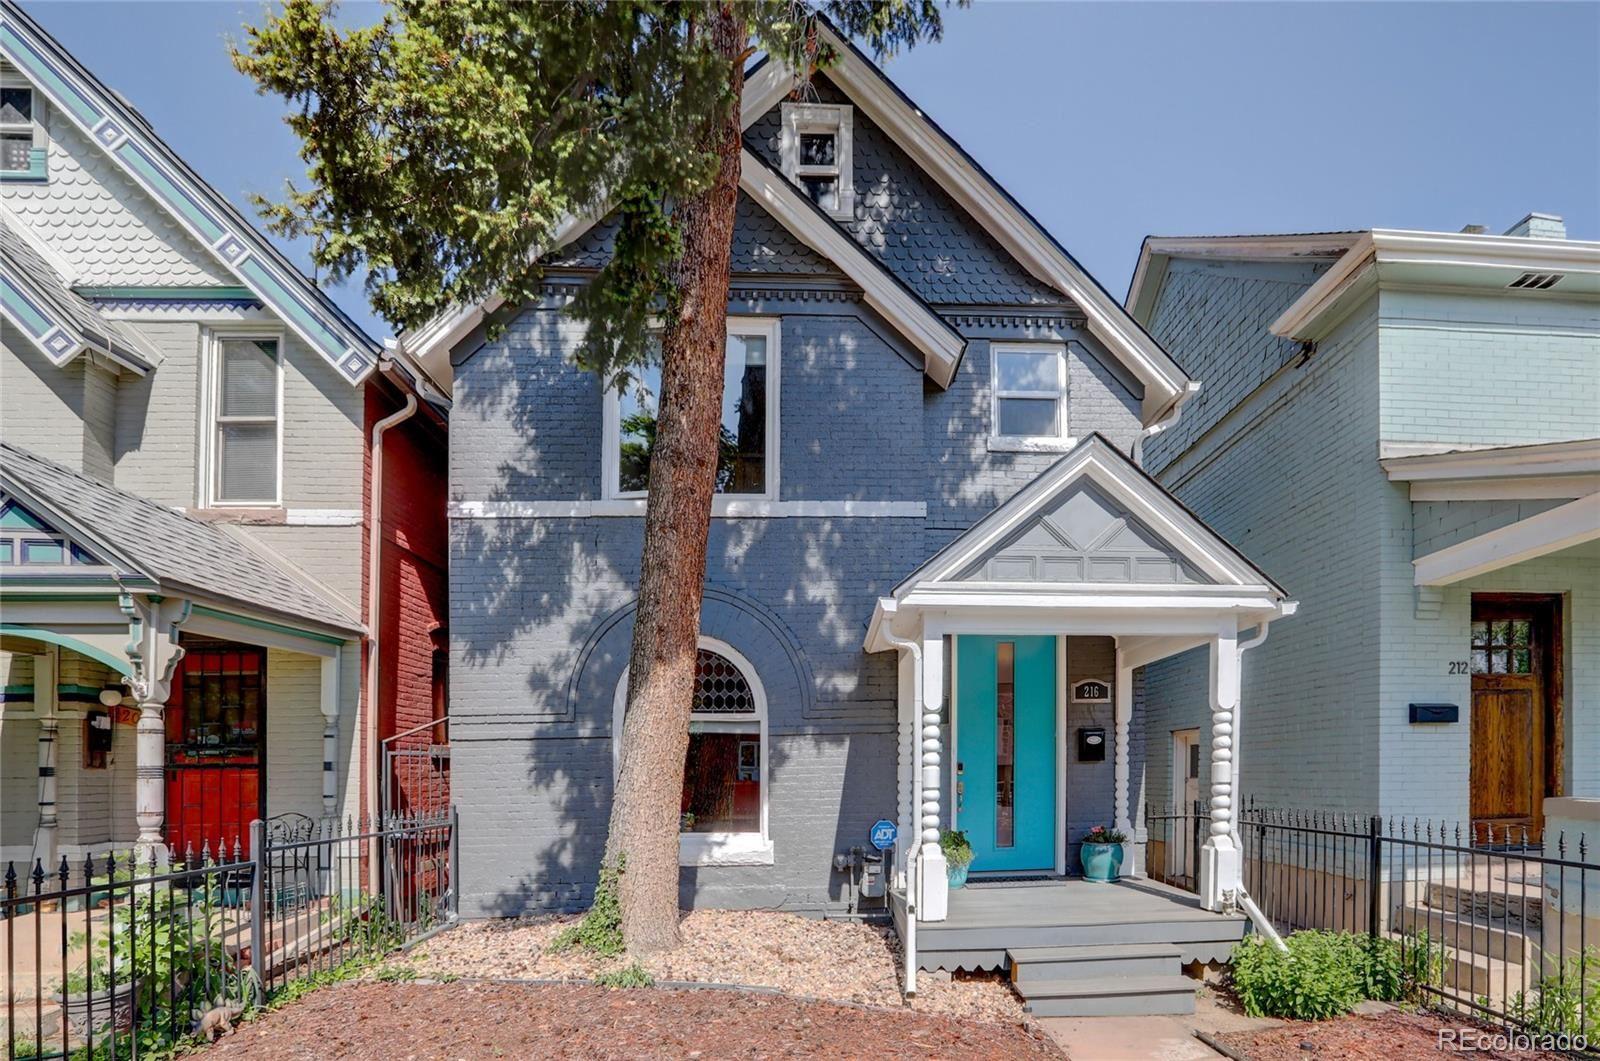 Photo of 216 N Lincoln Street, Denver, CO 80203 (MLS # 5542334)